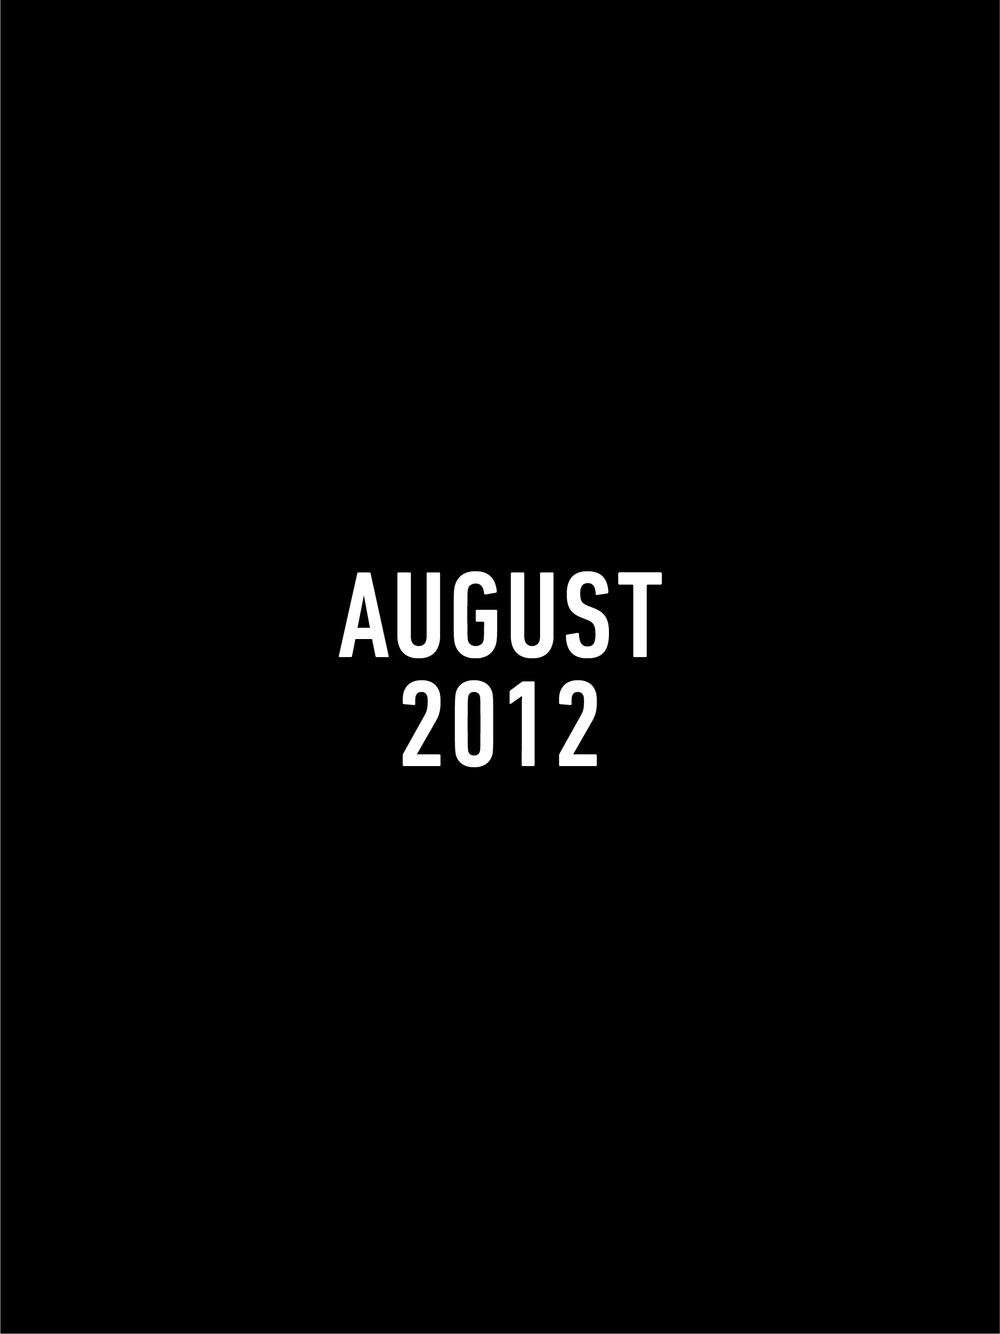 2012 months8.jpg